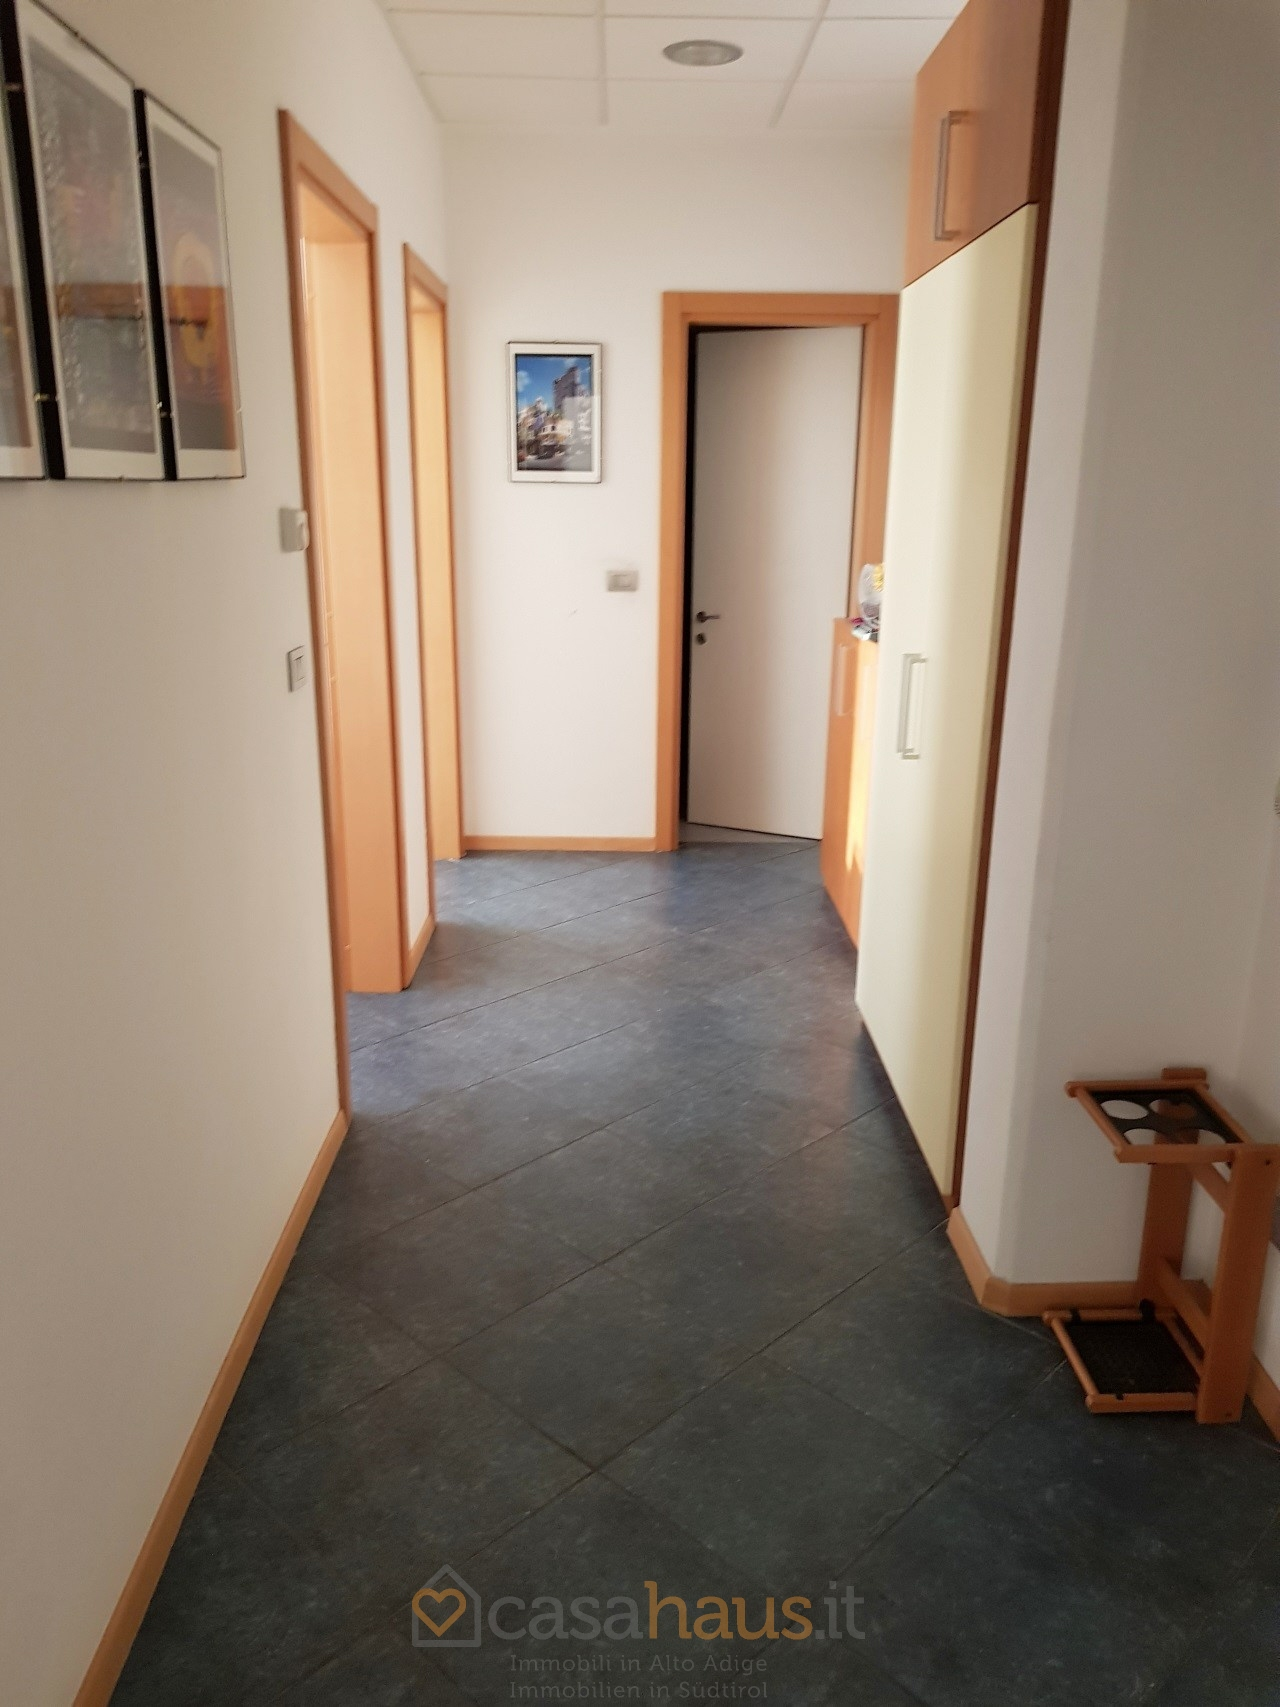 Ufficio / Studio in vendita a Bolzano, 3 locali, prezzo € 170.000   PortaleAgenzieImmobiliari.it